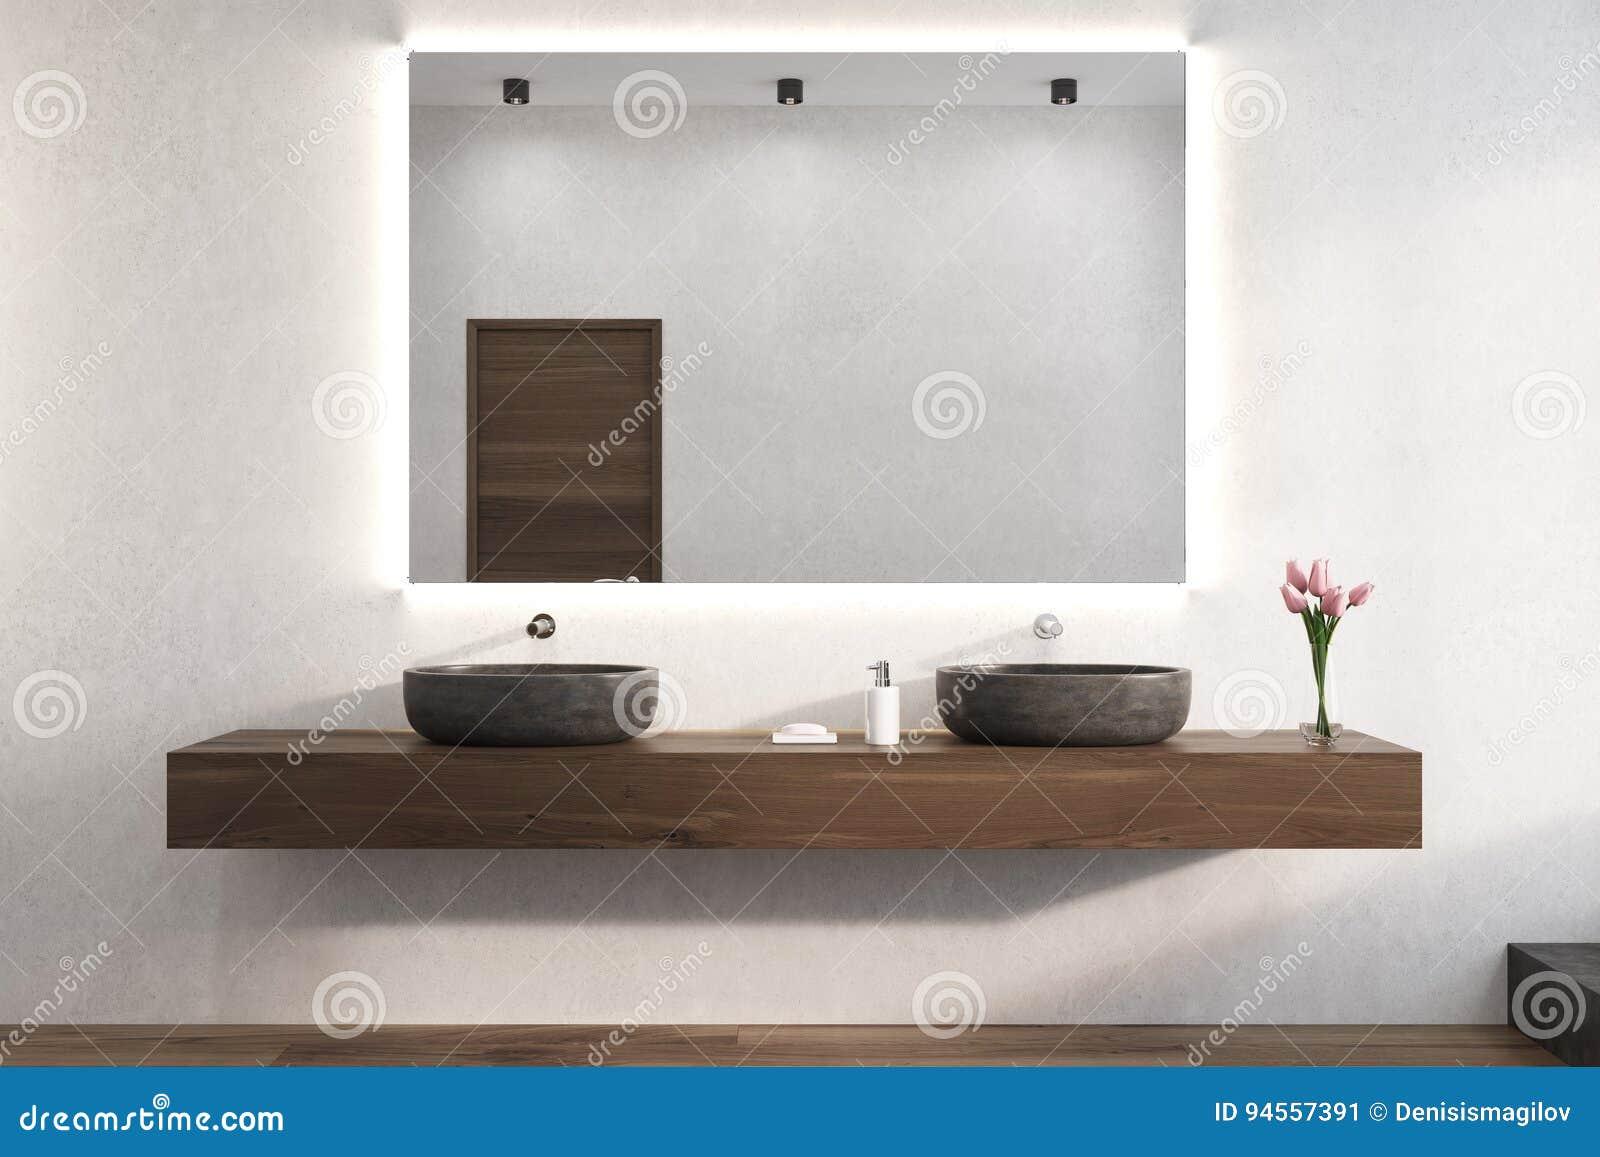 Salle De Bain Mur Blanc ~ miroir sur un mur blanc de salle de bains viers illustration stock